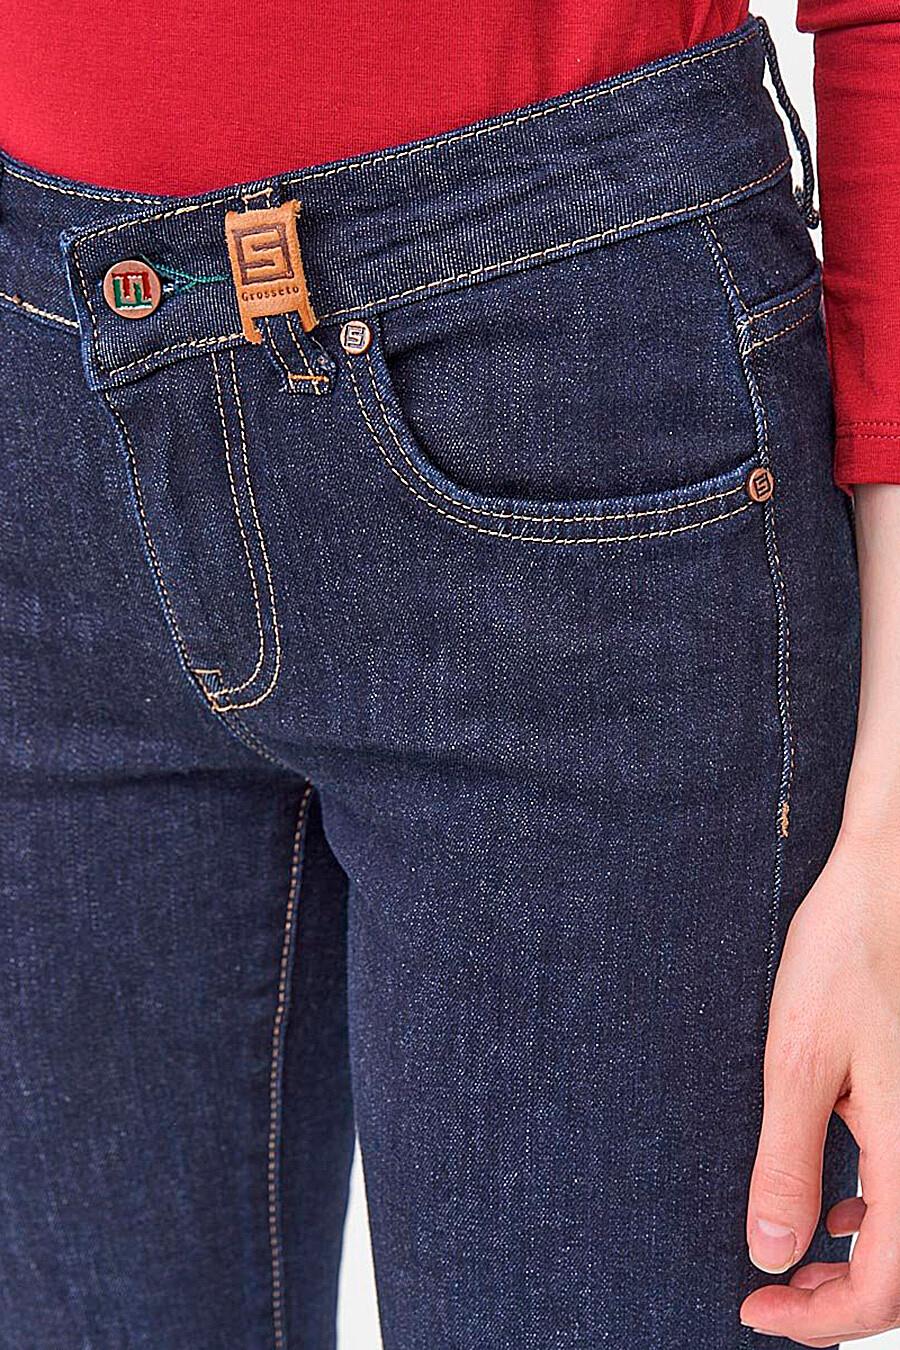 Джинсы для женщин F5 239203 купить оптом от производителя. Совместная покупка женской одежды в OptMoyo